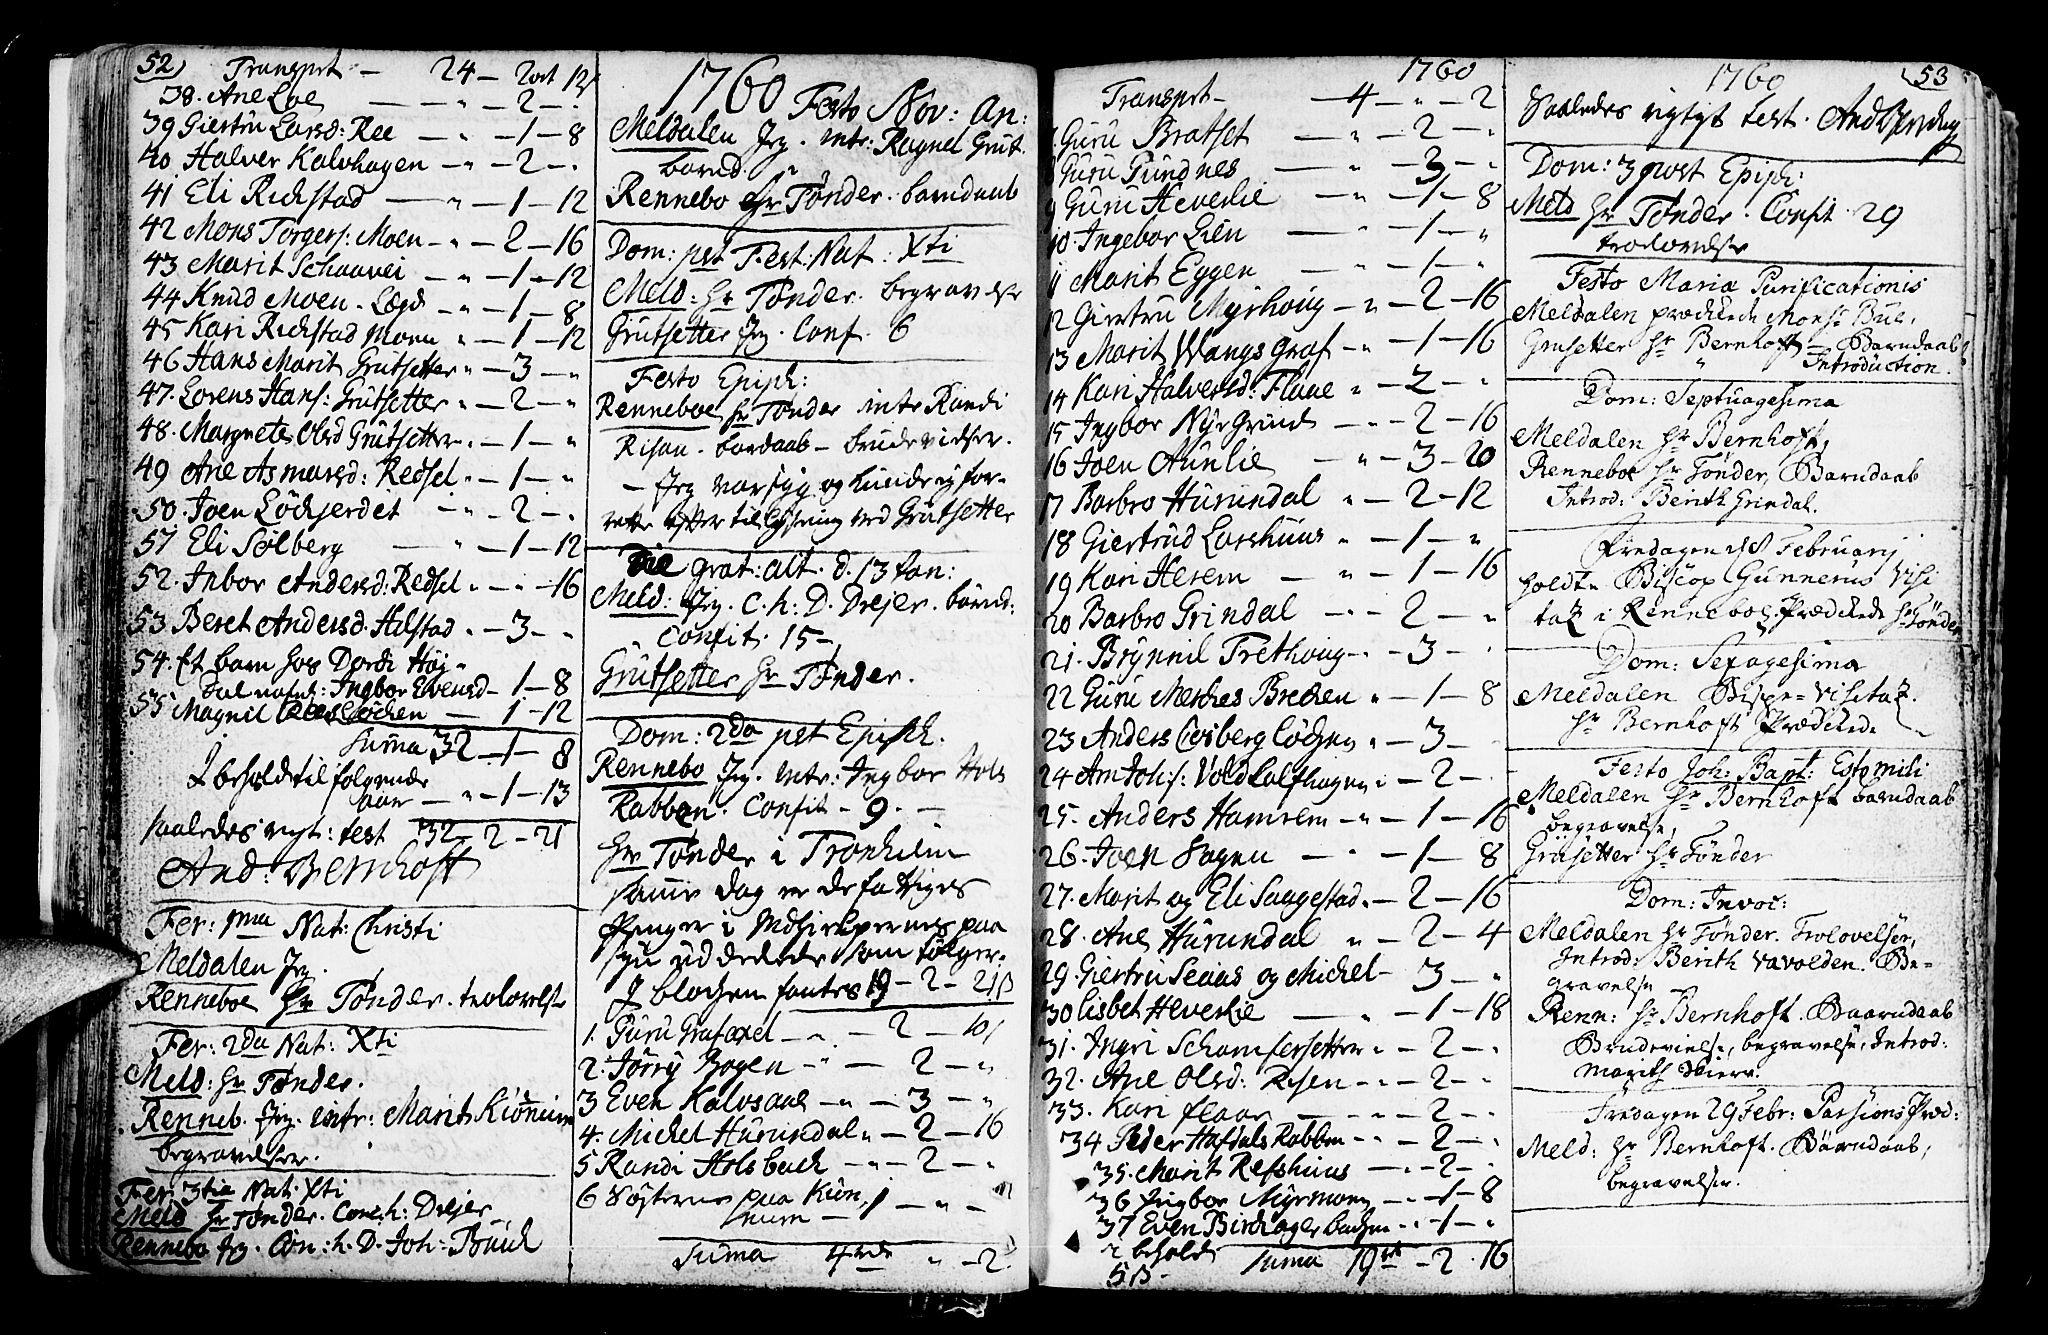 SAT, Ministerialprotokoller, klokkerbøker og fødselsregistre - Sør-Trøndelag, 672/L0851: Ministerialbok nr. 672A04, 1751-1775, s. 52-53